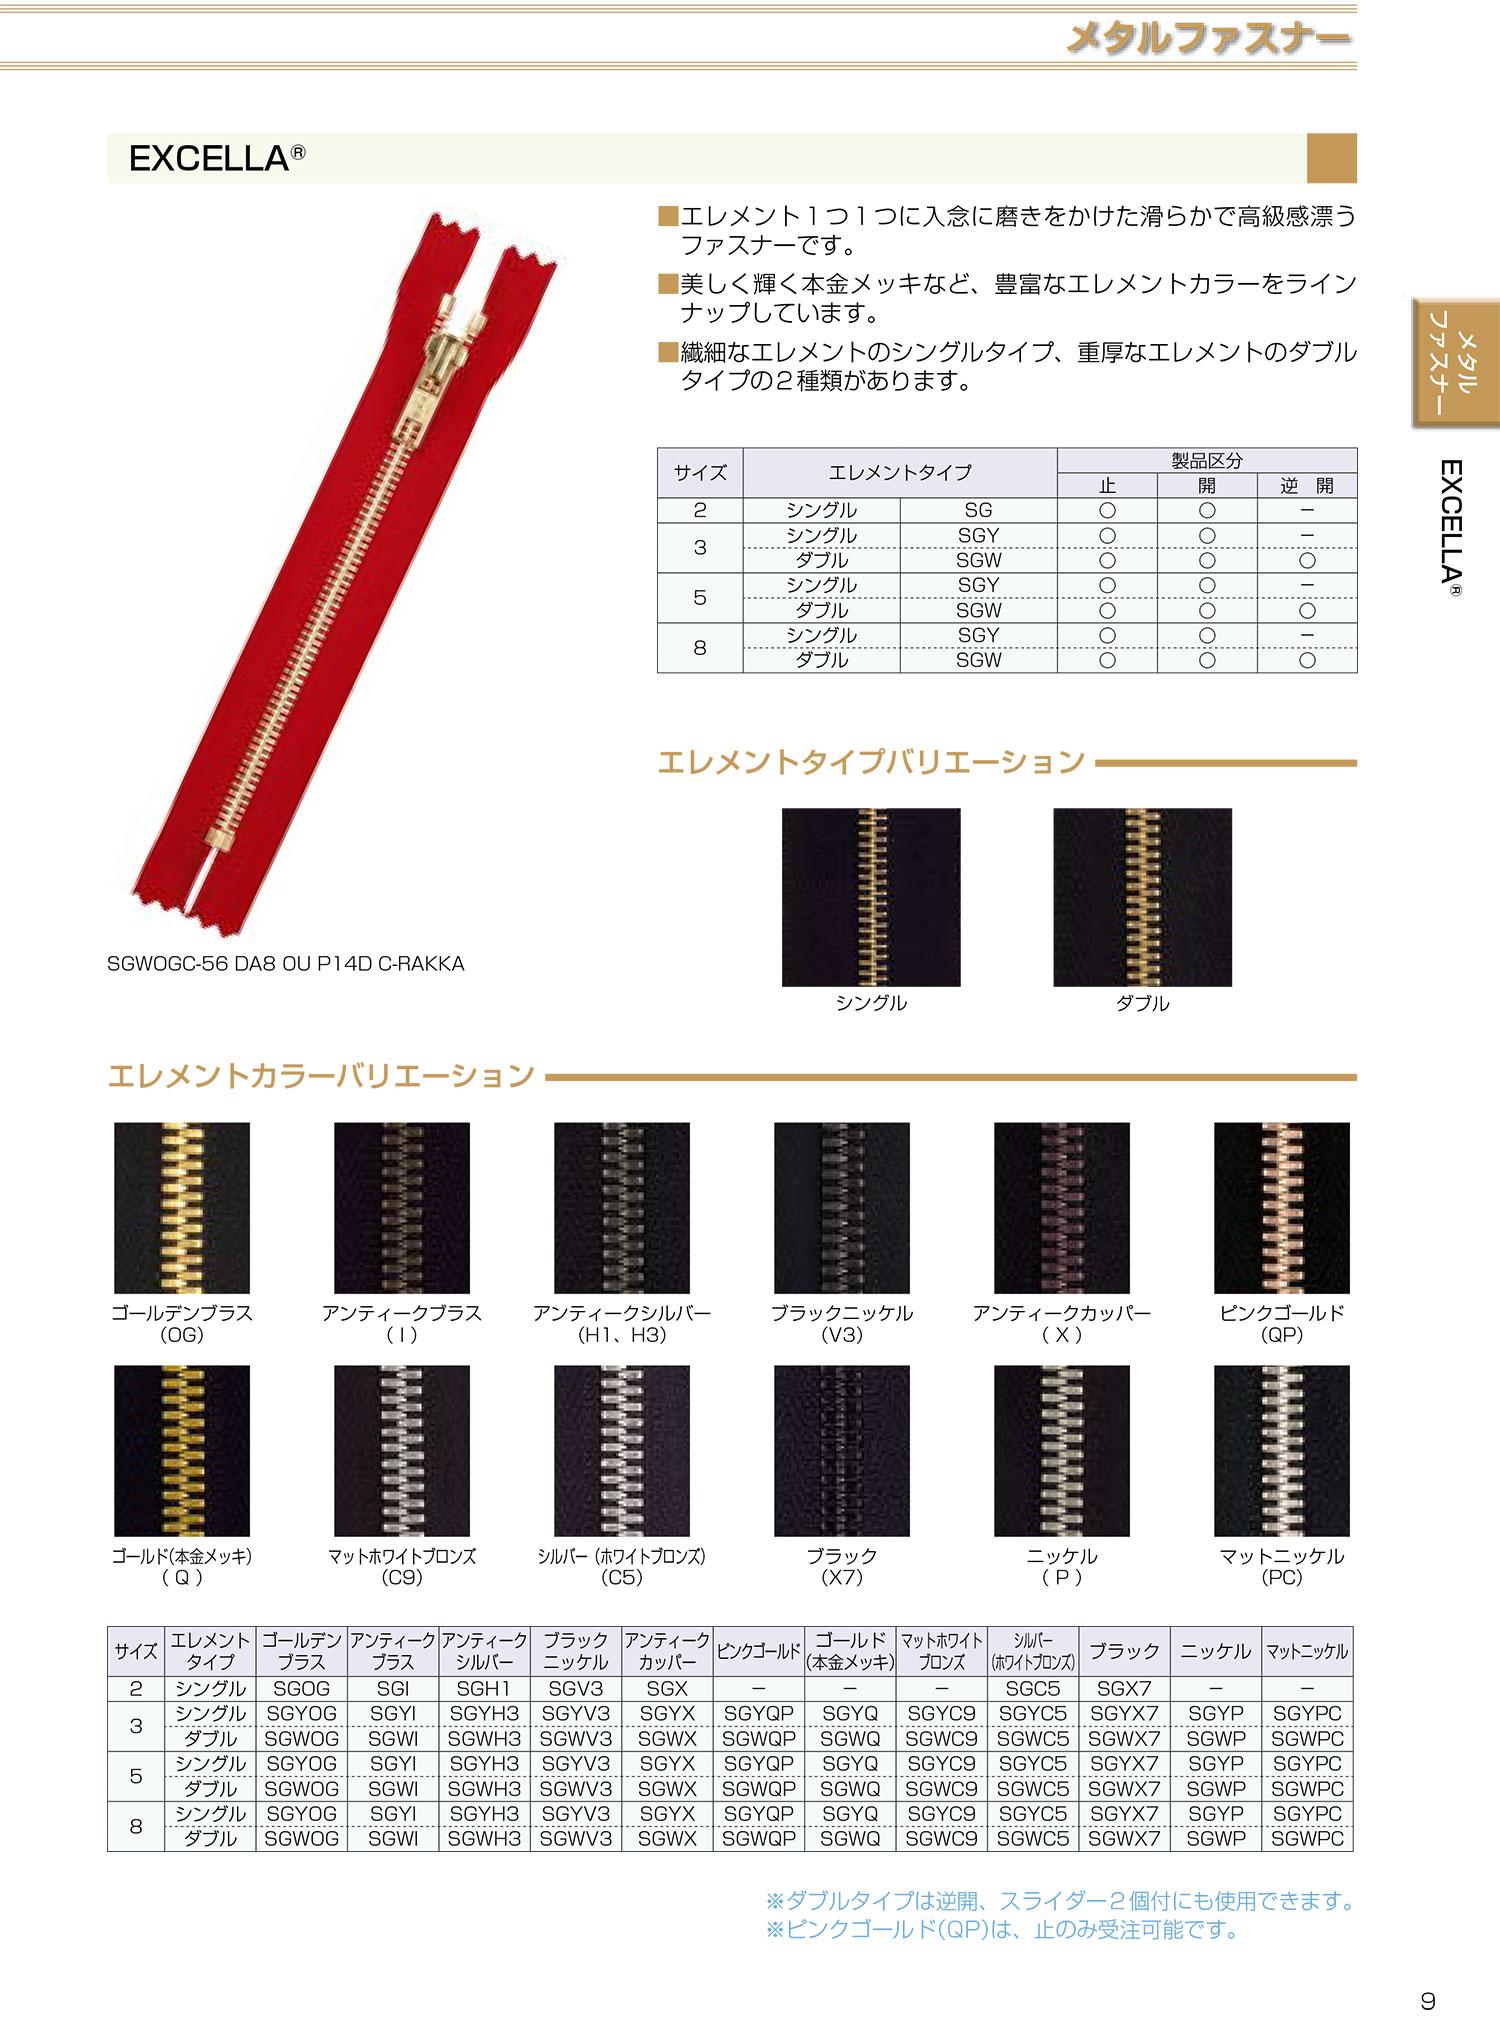 8SGYH3C エクセラ 8サイズ アンティークシルバー 止め シングル[ファスナー] YKK/オークラ商事 - ApparelX アパレル資材卸通販